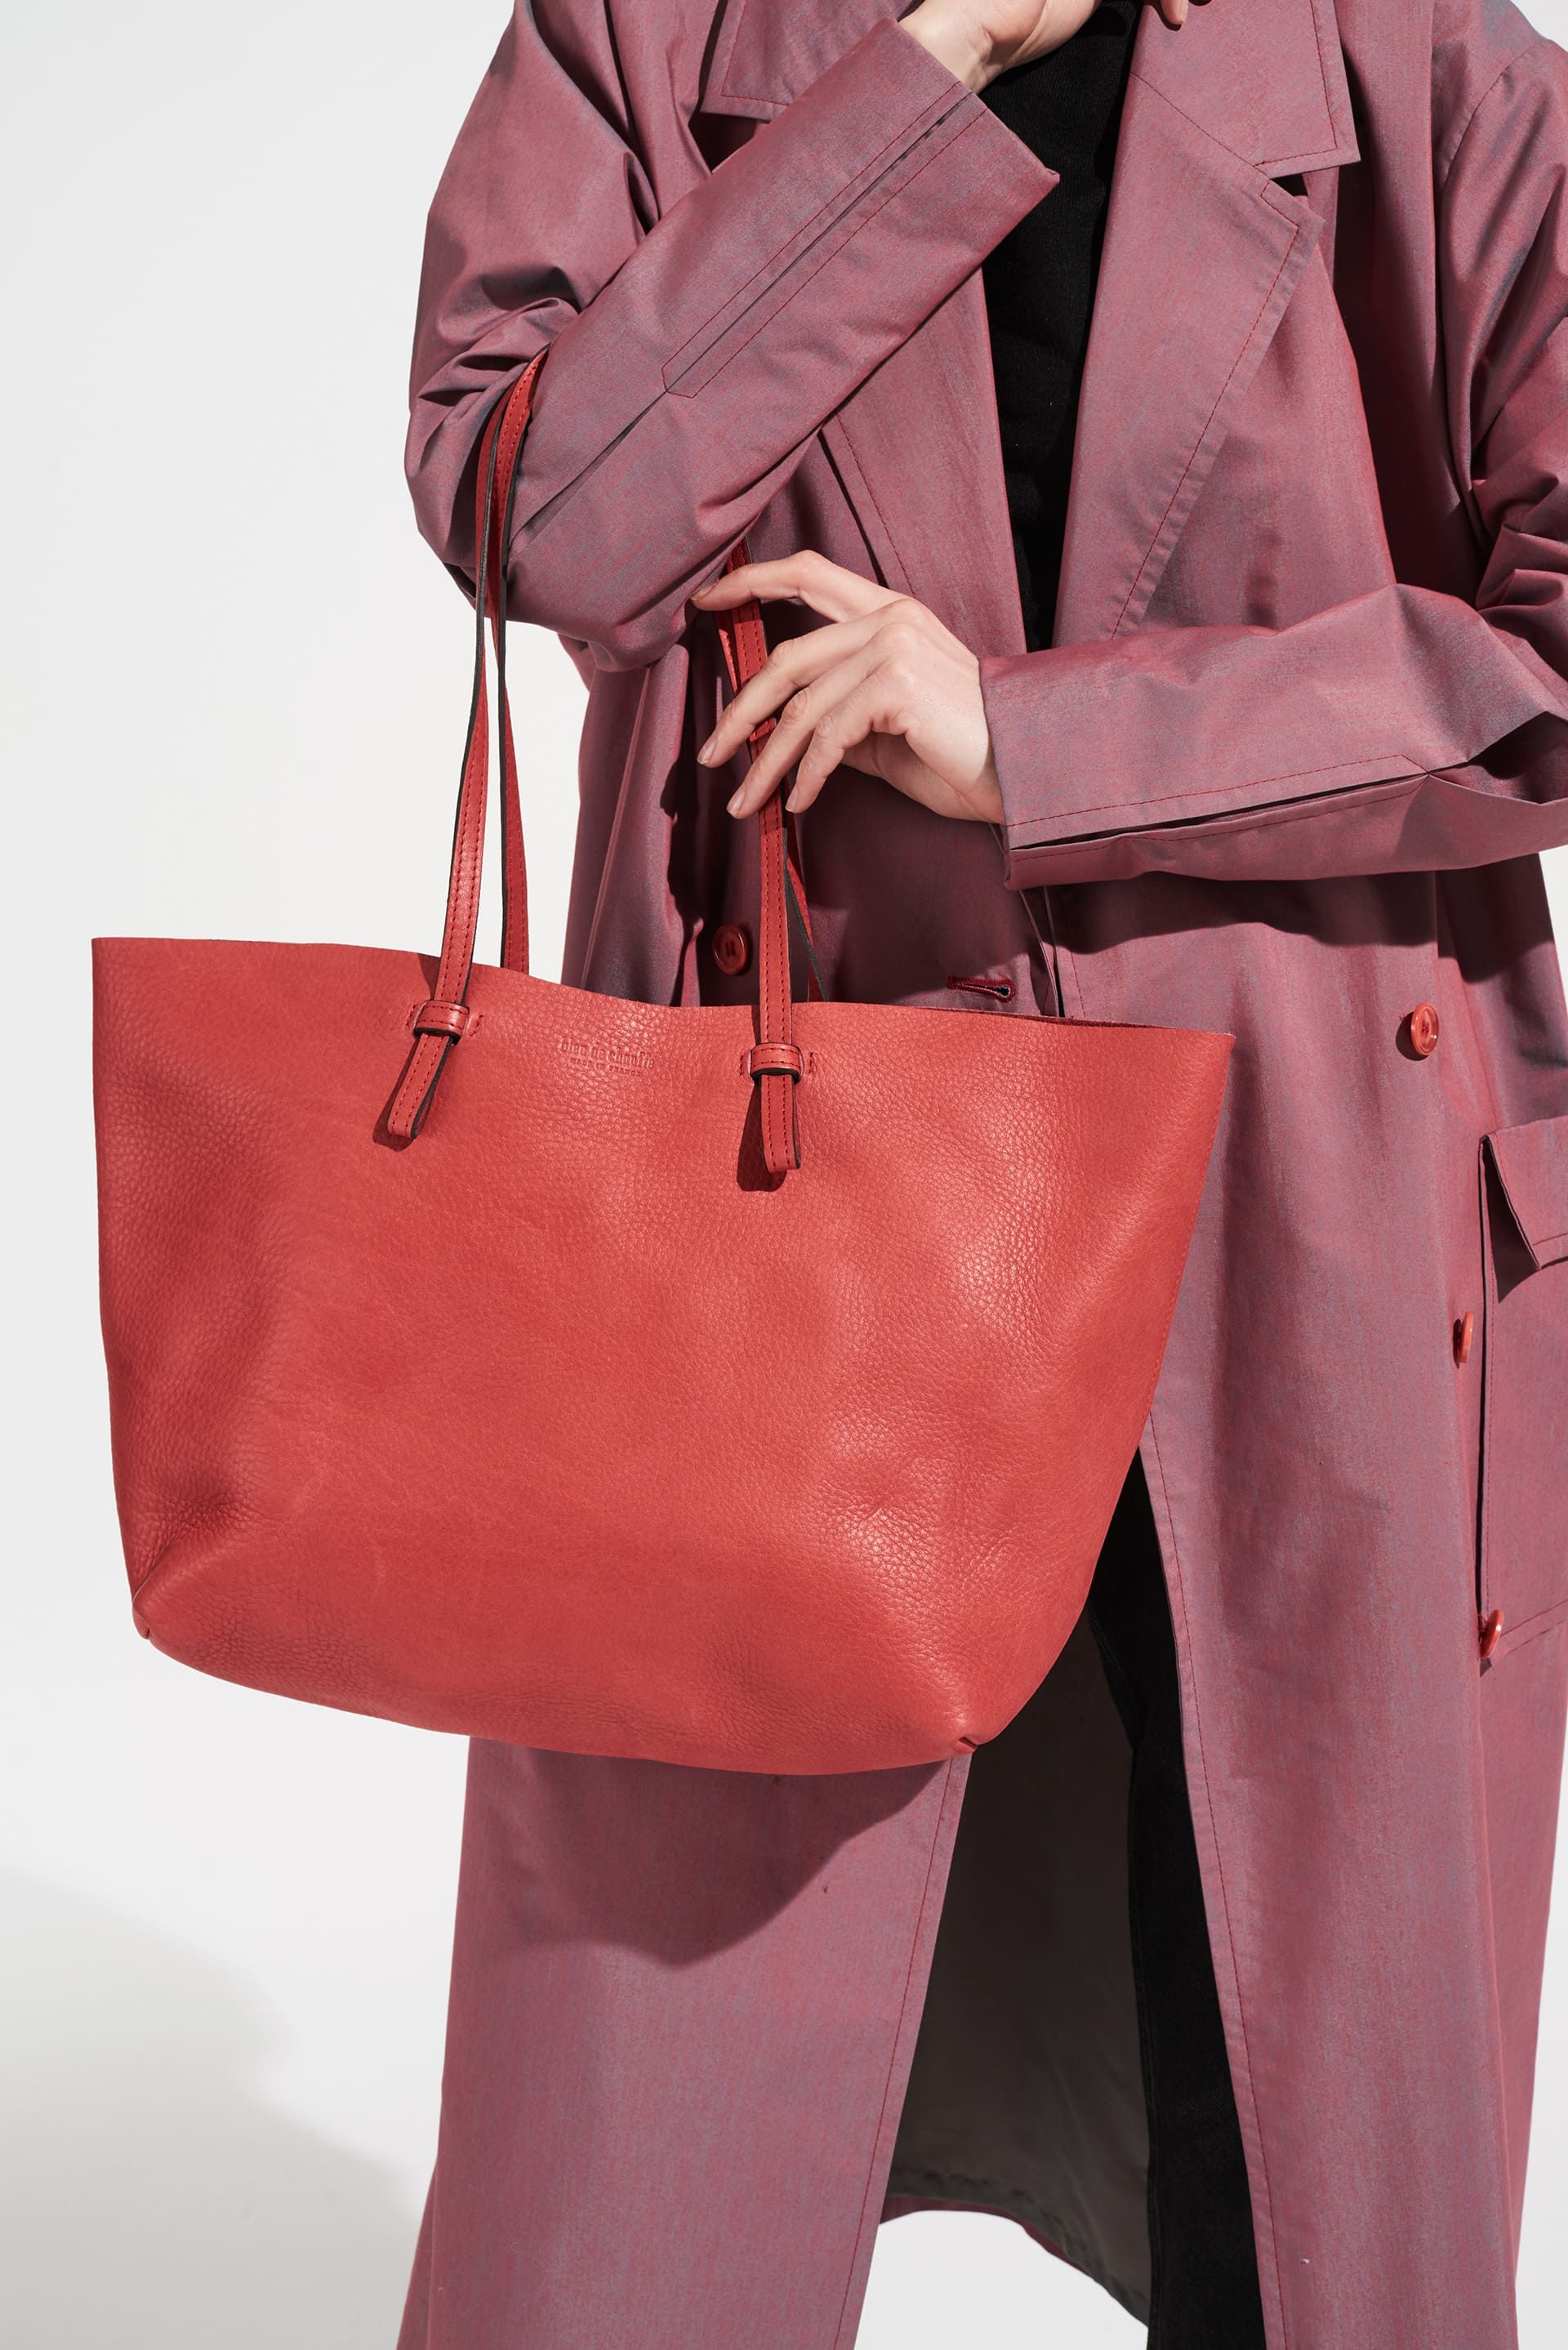 En Naturel L Shopping Féminin Cabas Joy Cuir SoupleSac Taille OwPN0knZ8X